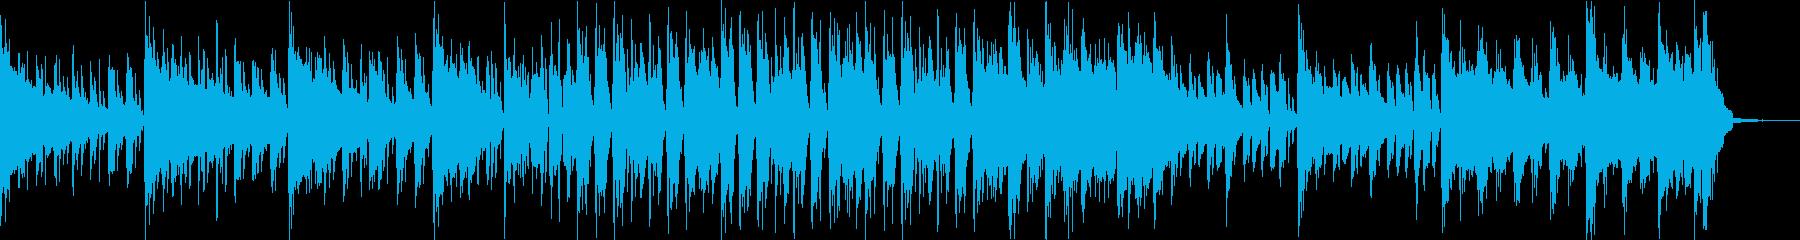 近未来のSF戦闘曲/浮遊感/ショートBの再生済みの波形